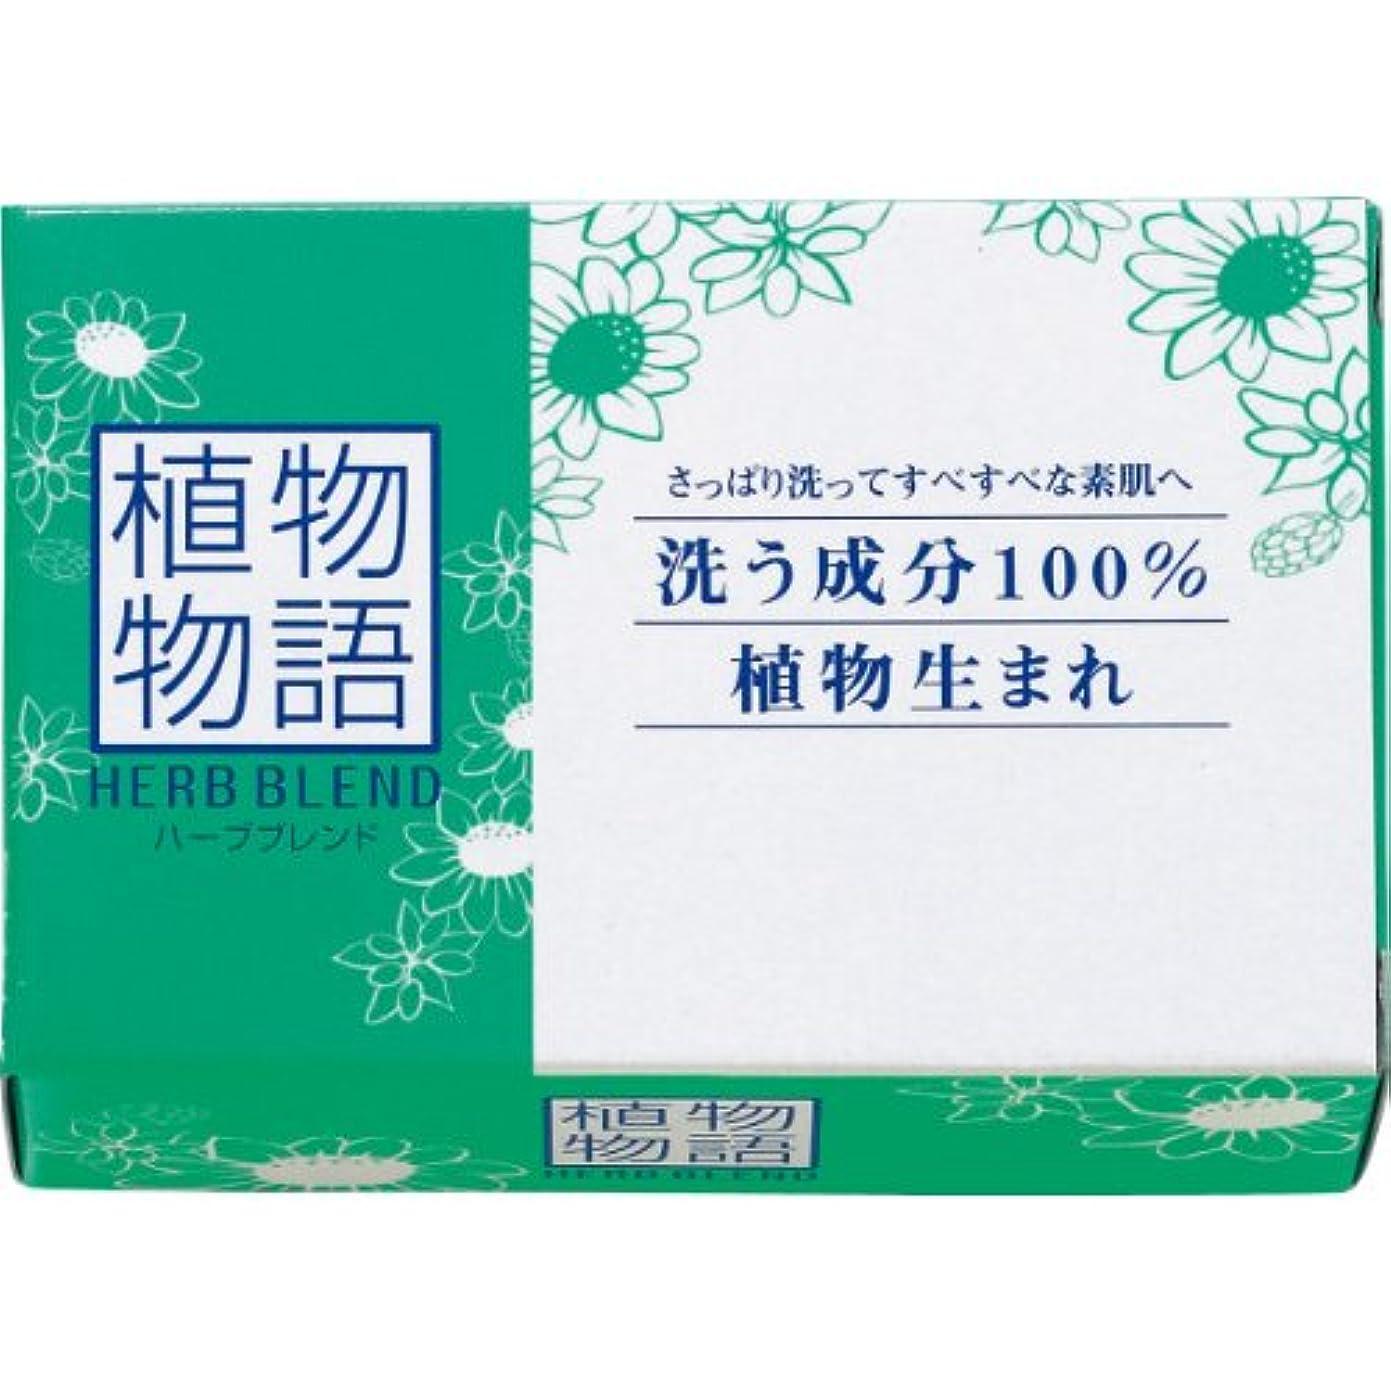 平凡大気除外する【ライオン】植物物語ハーブブレンド 化粧石鹸 80g